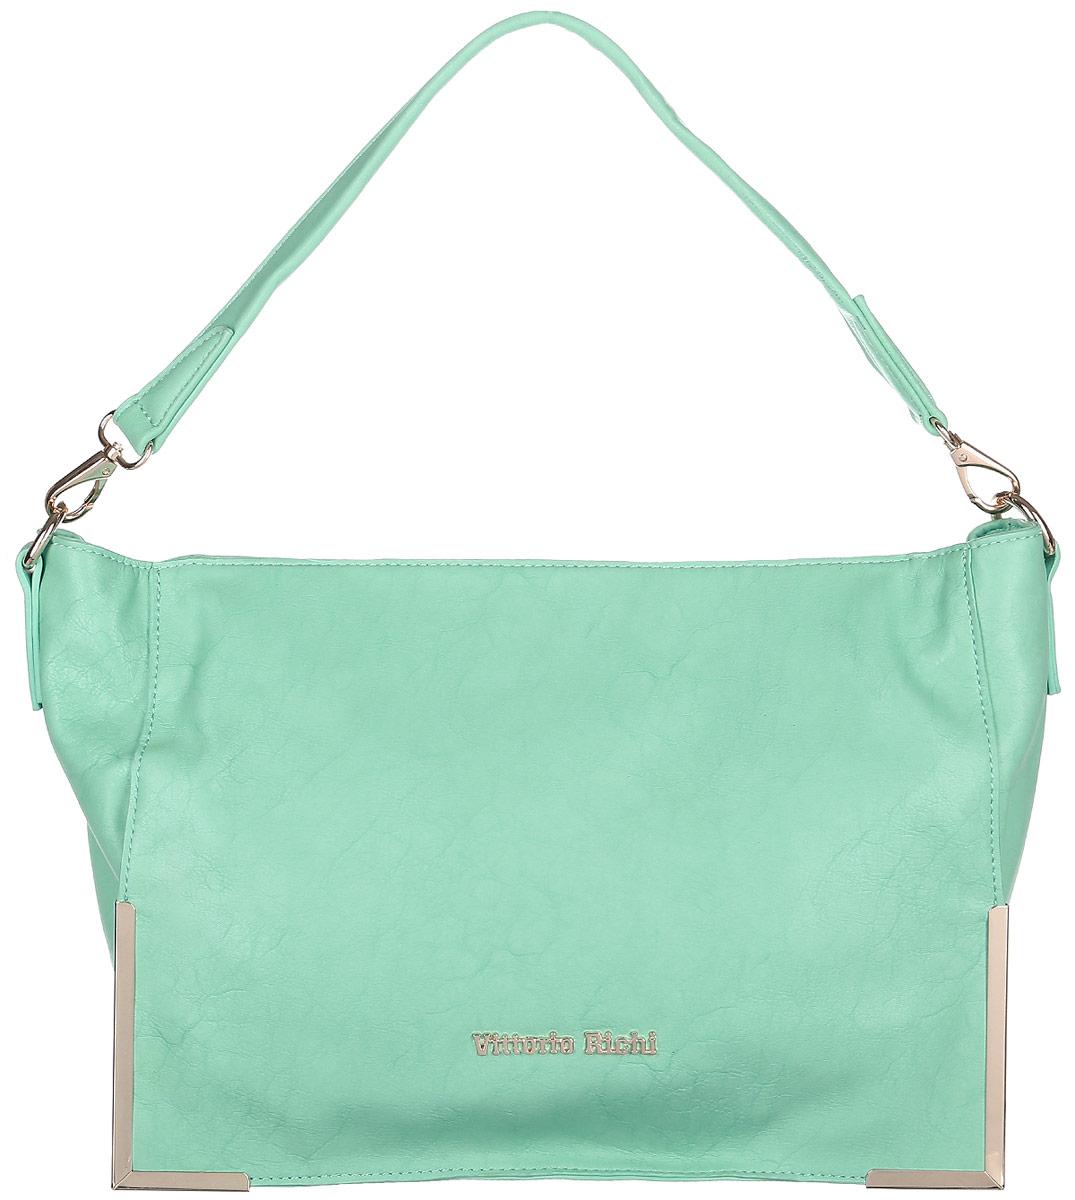 Сумка женская Vittorio Richi, цвет: зеленый. 1331613316 verdeСумка из экокожи на молнии. Внутри текстильная подкладка, один карман на молнии, два открытых отделения для мелочей. В комплекте наплечный ремень. Высота ручки 25см.